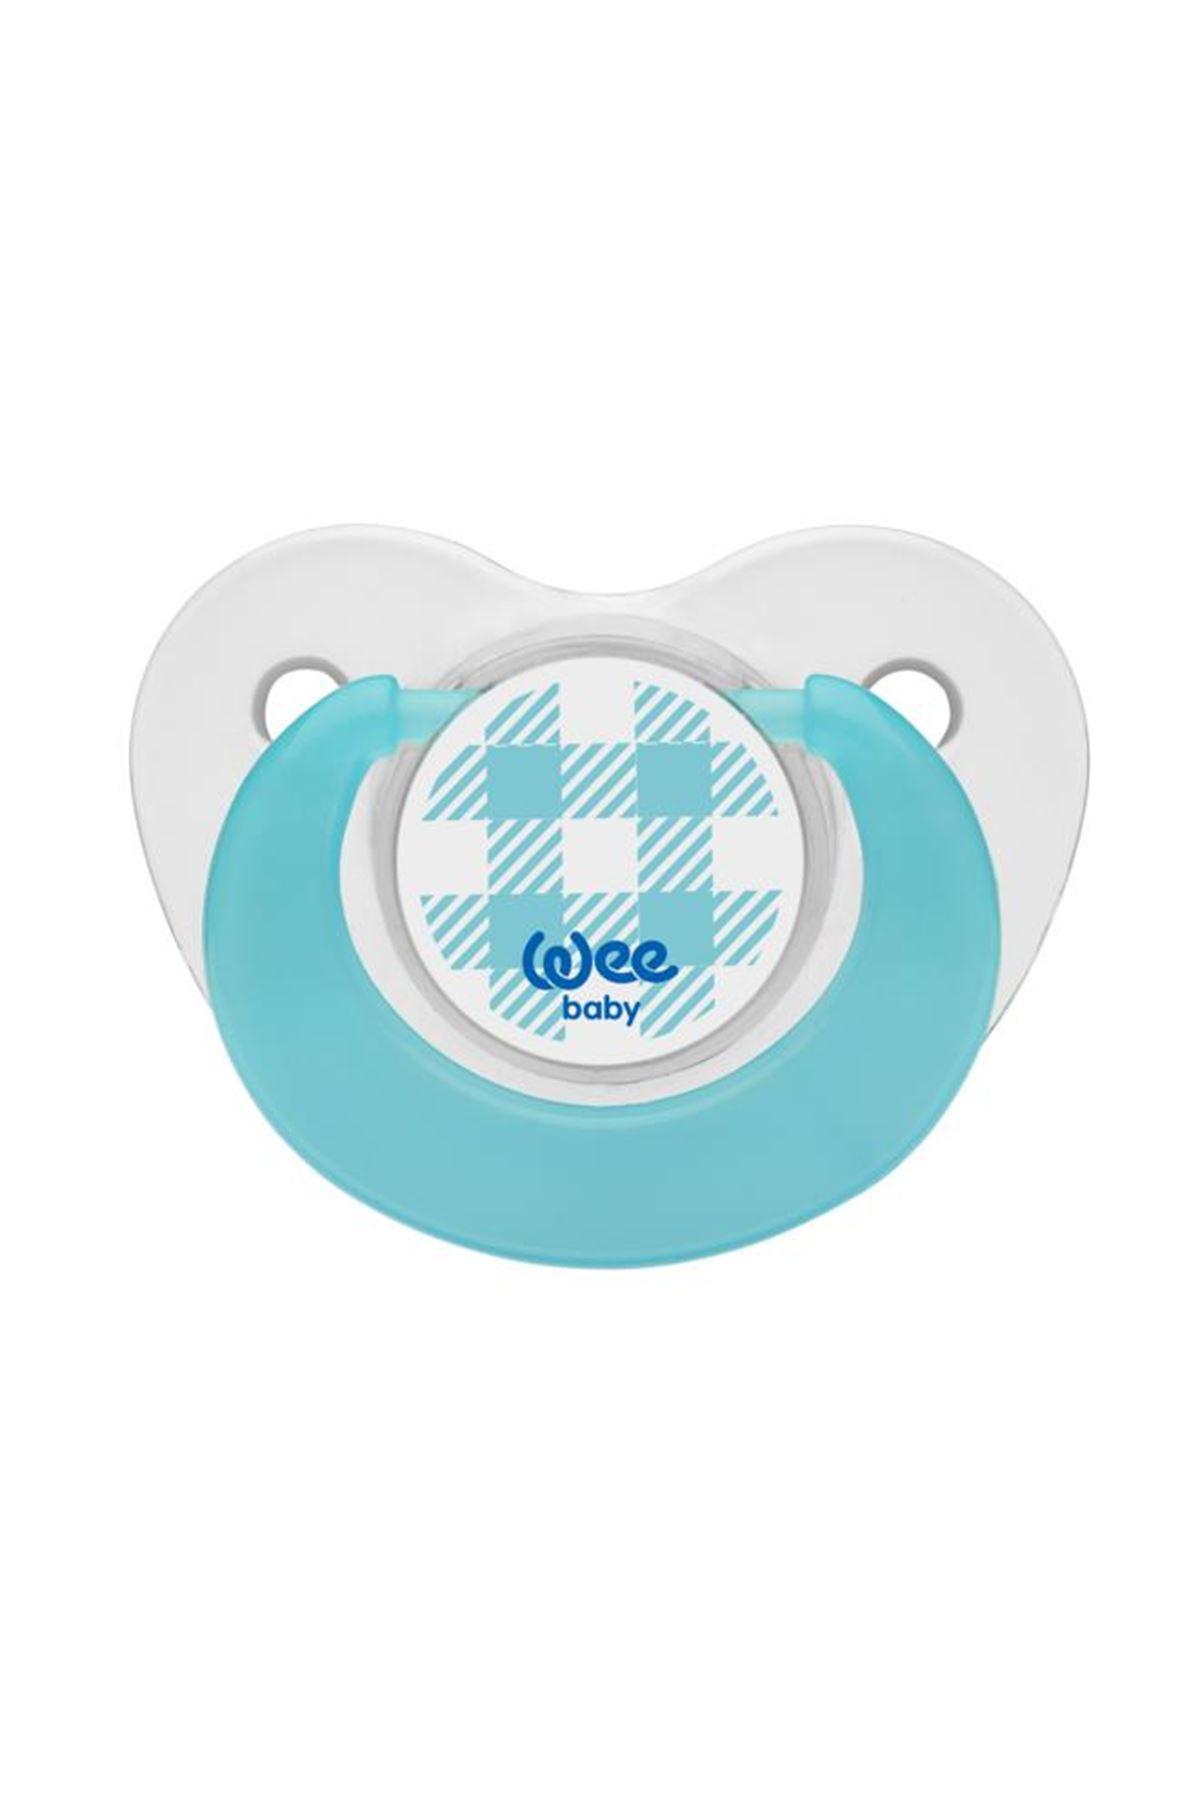 Wee Baby Trend Damaklı Emzik 2li 0-6 Ay 155